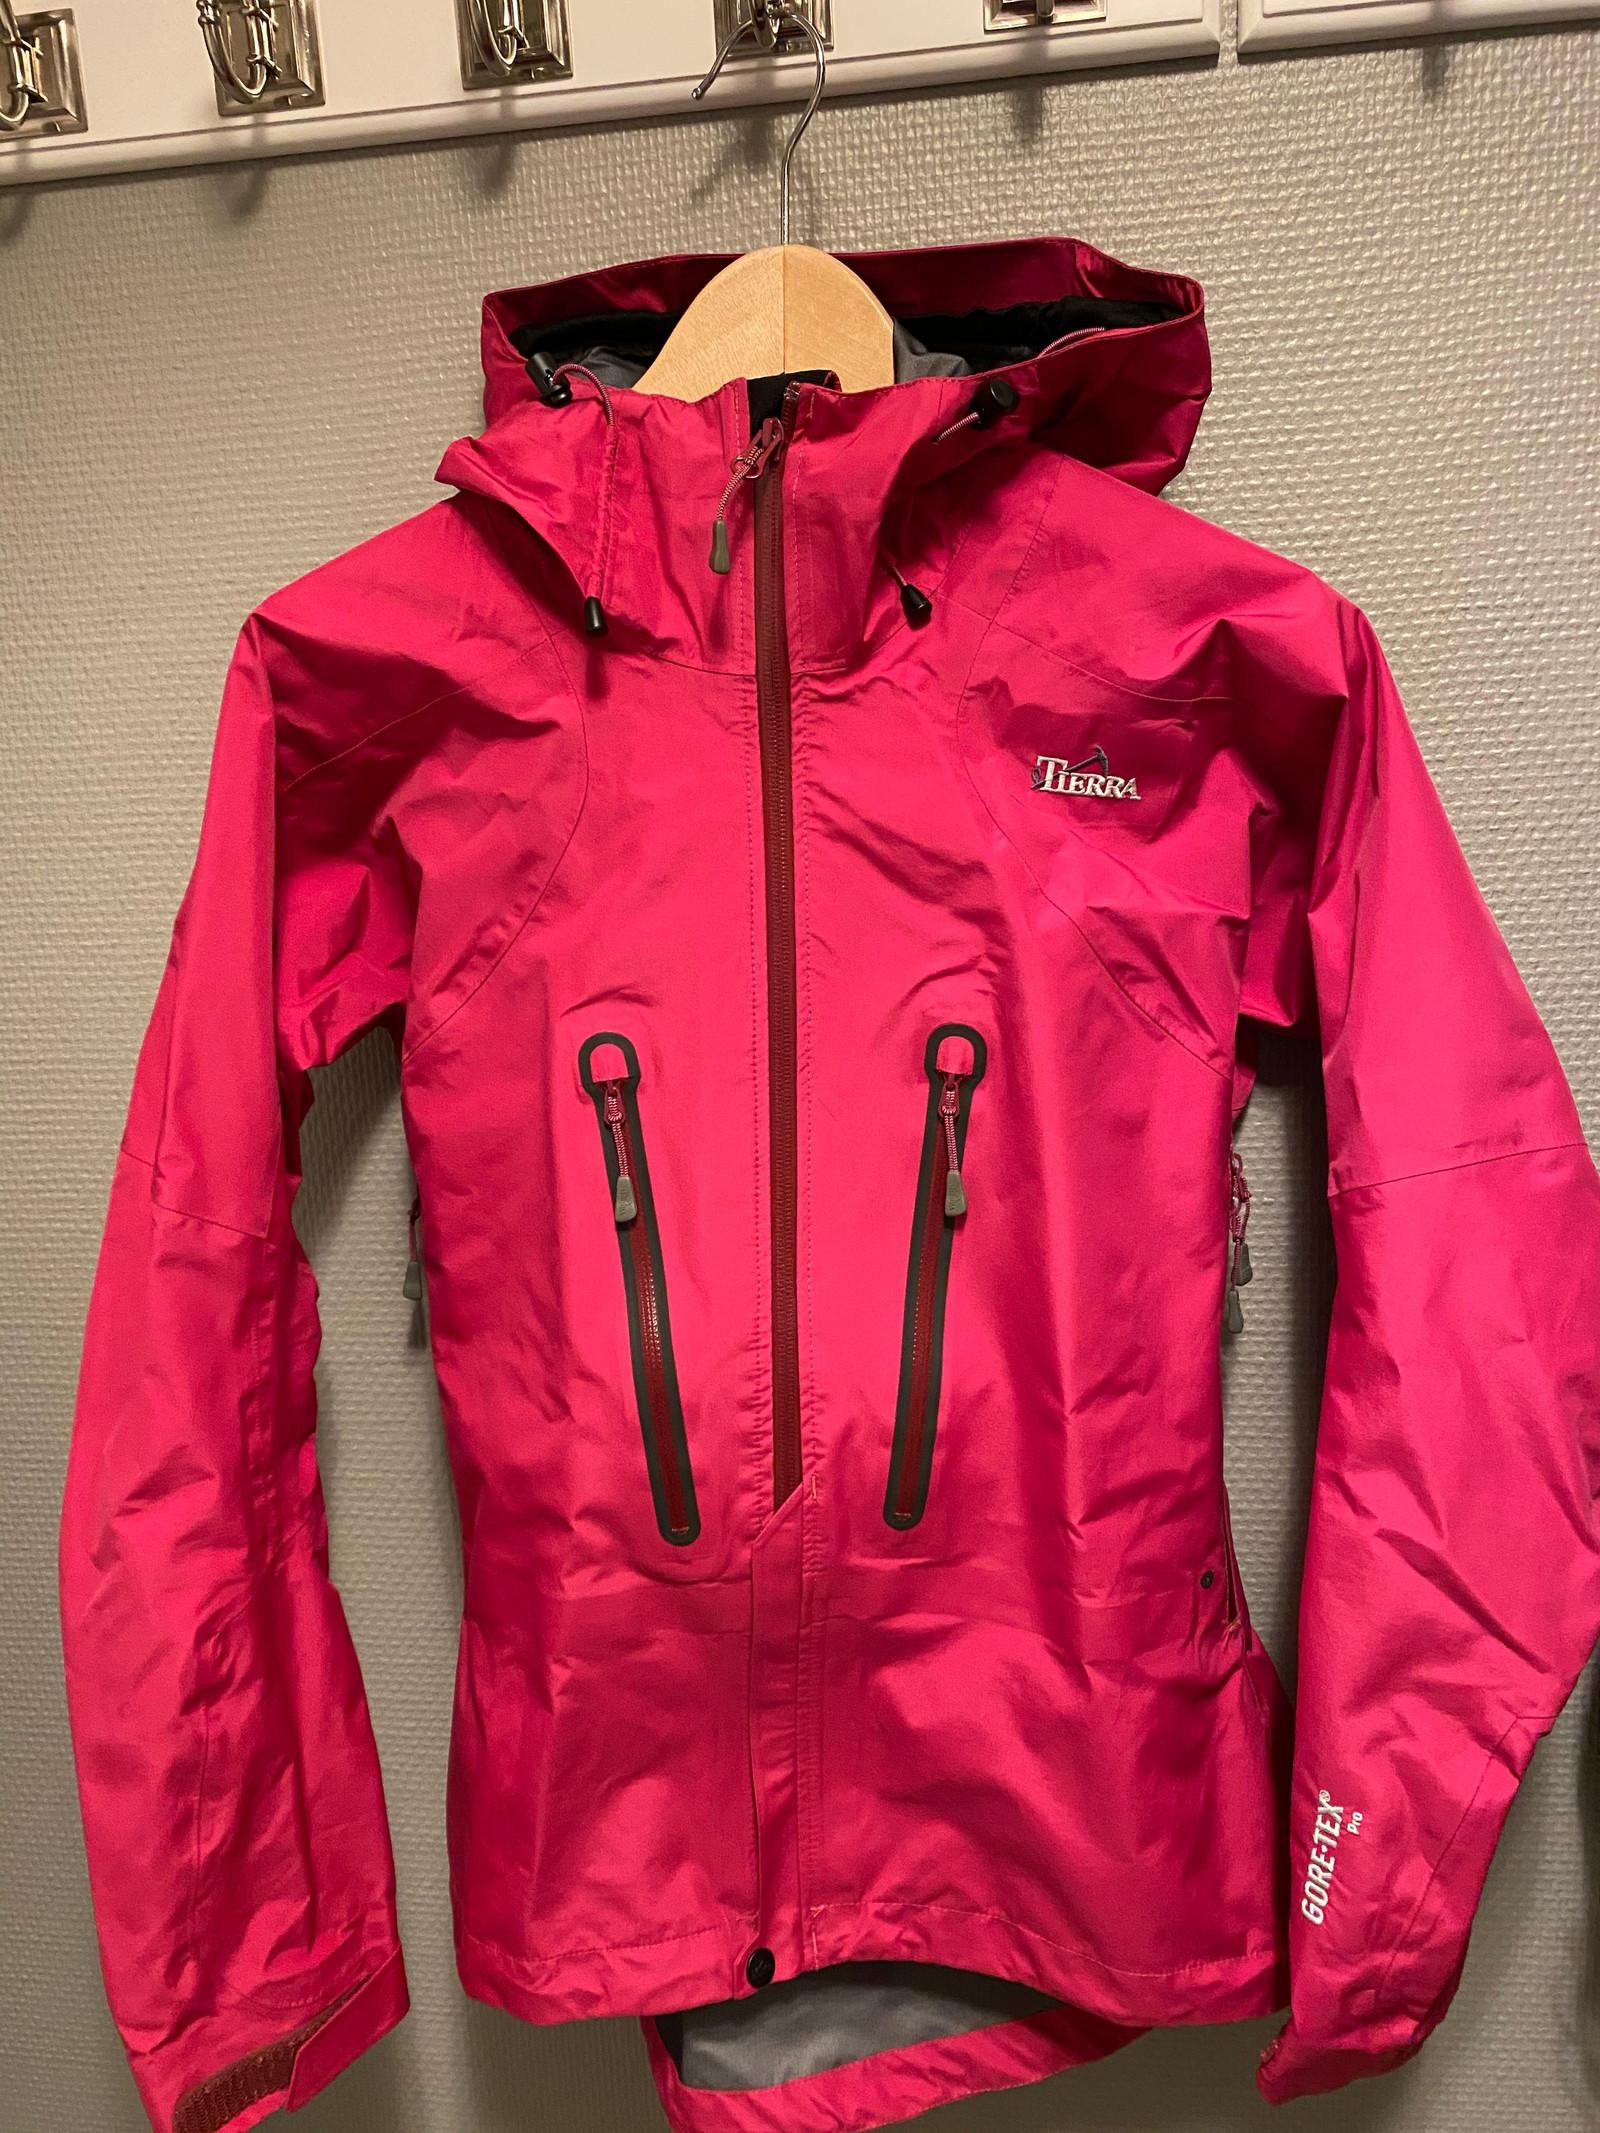 Kilmanock Technical Jacket (Size 42) | FINN.no